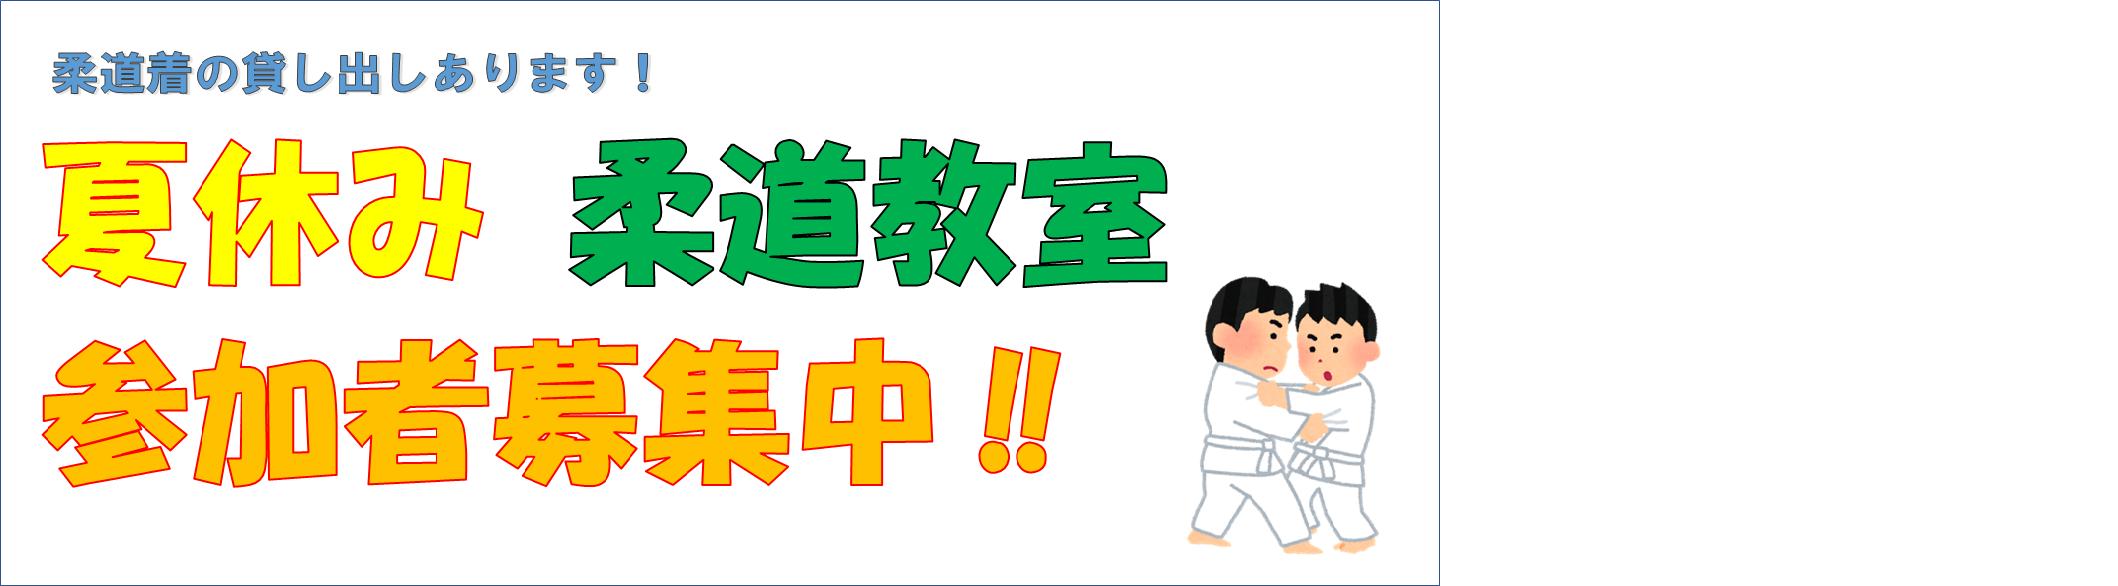 夏休み柔道教室